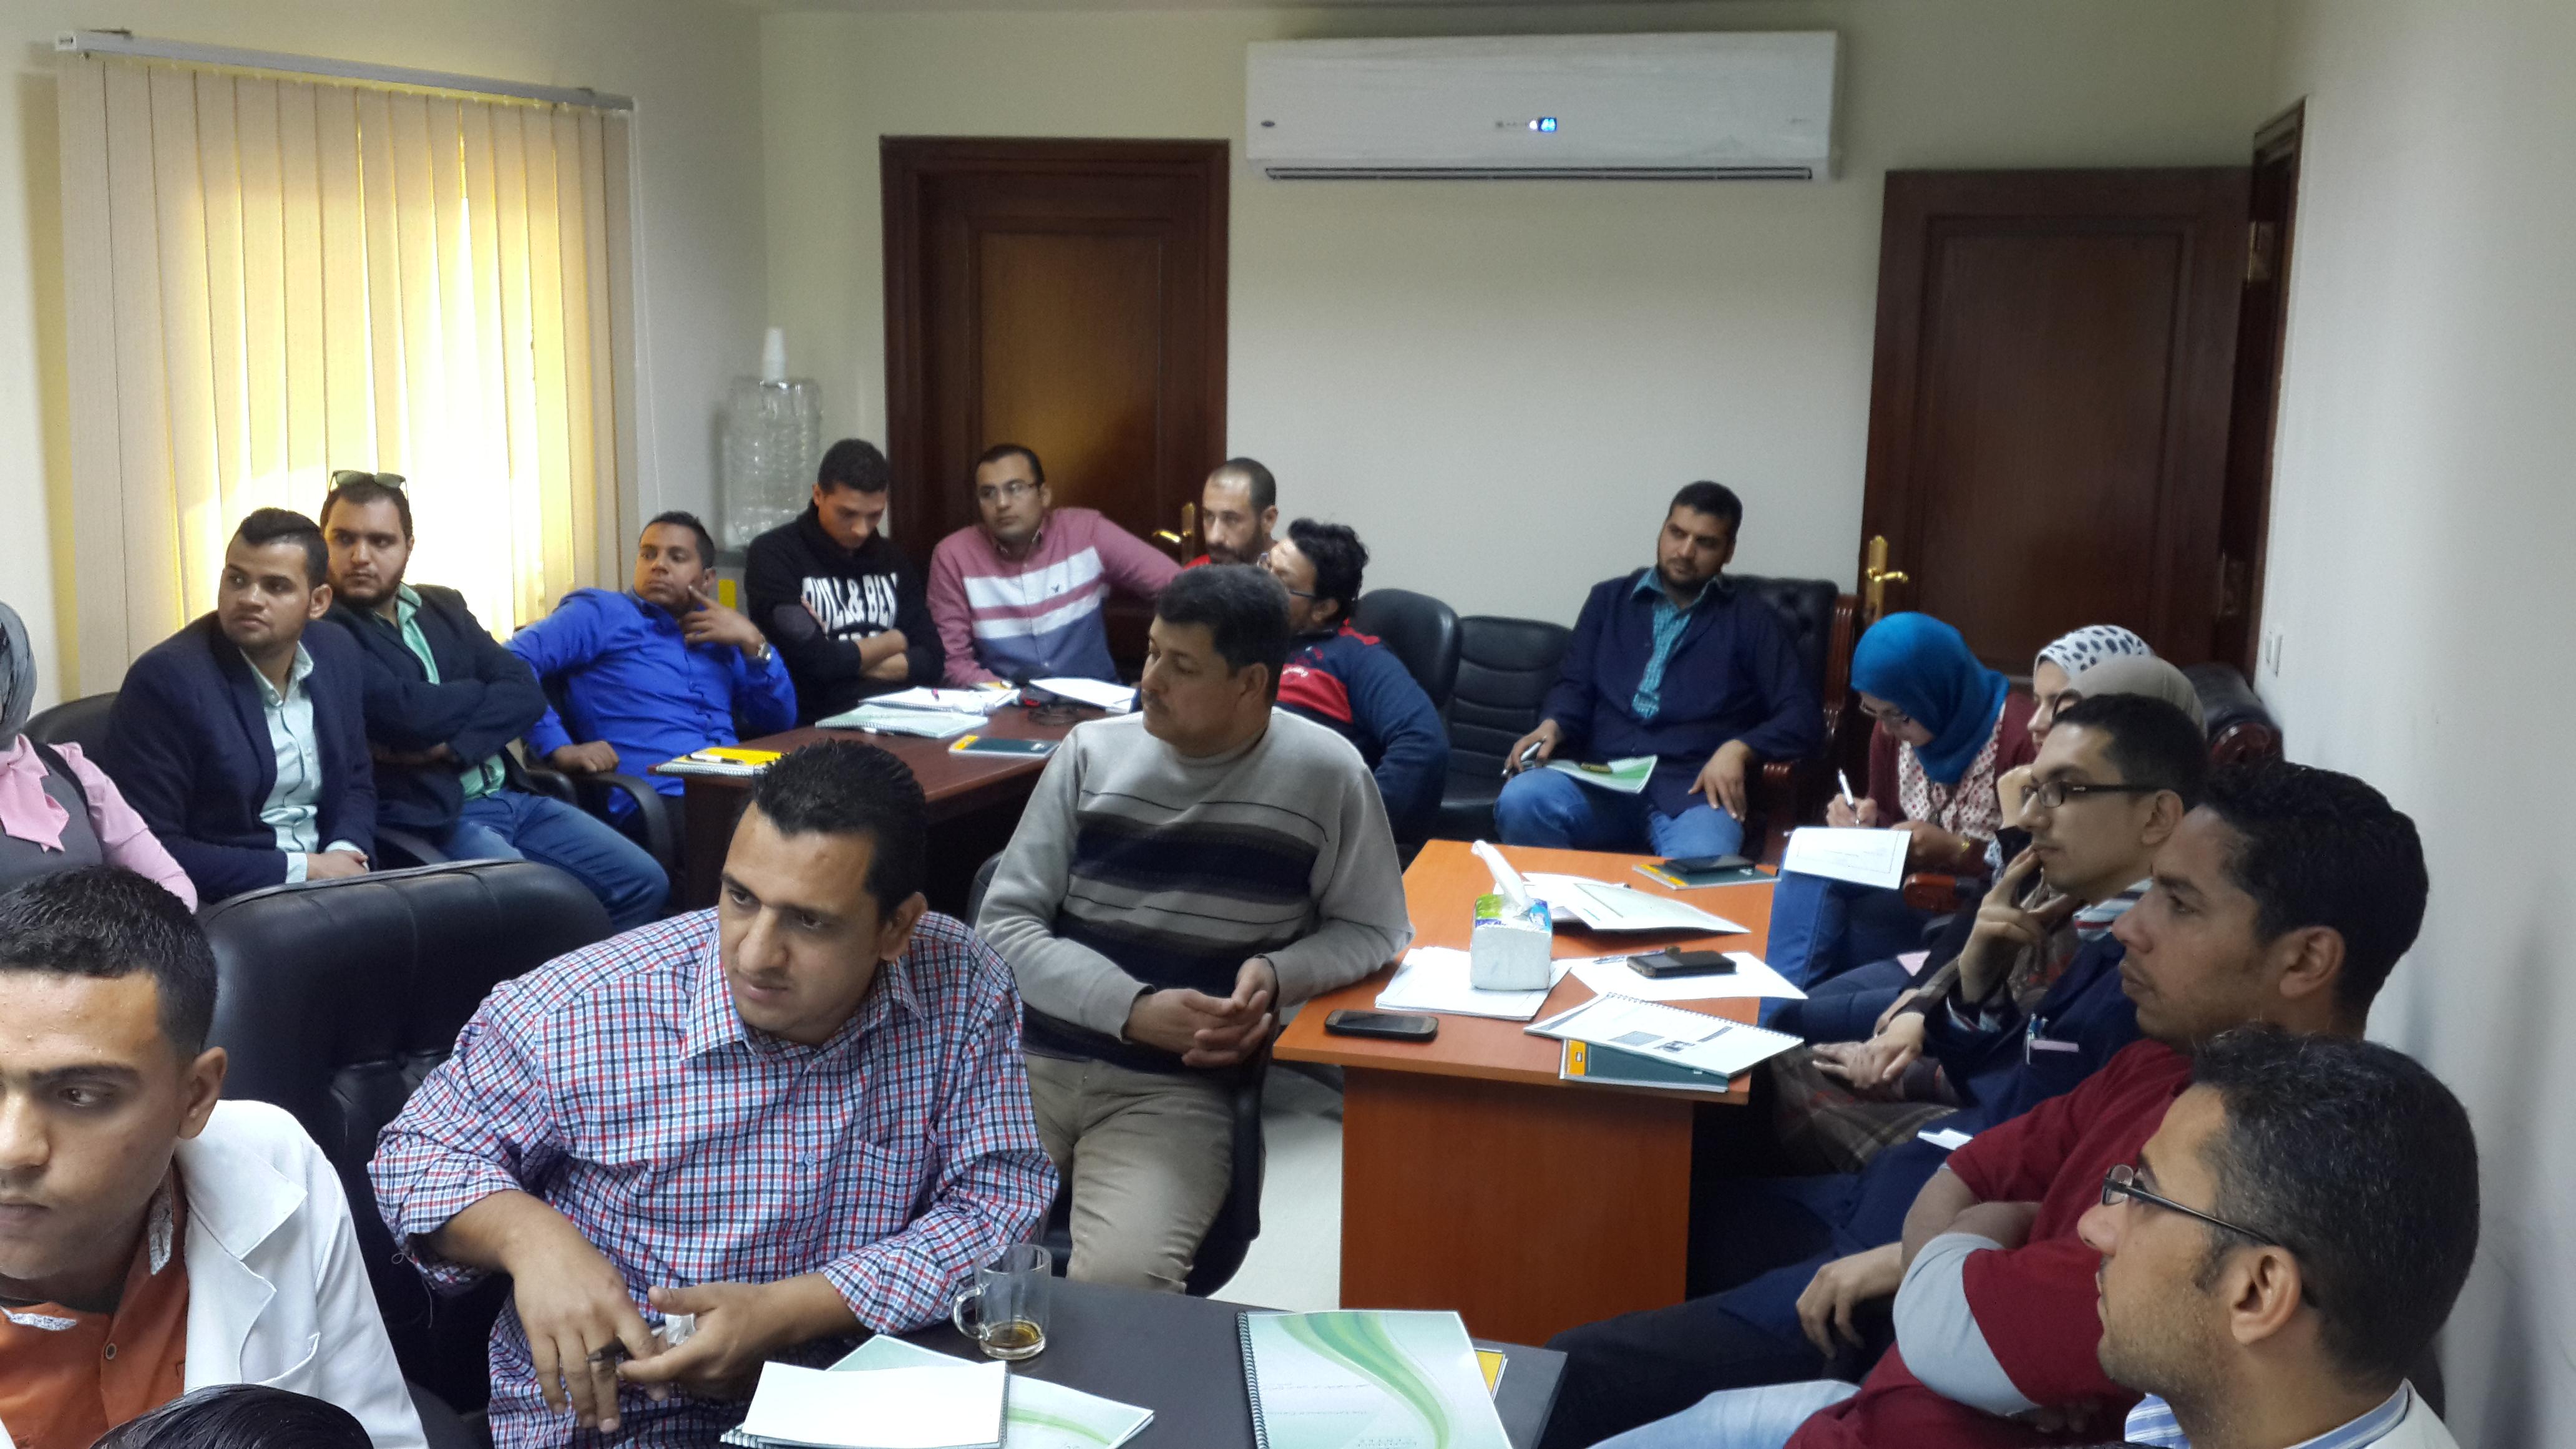 Excellence Center Egypt 20160330-20160330_102012 .jpg